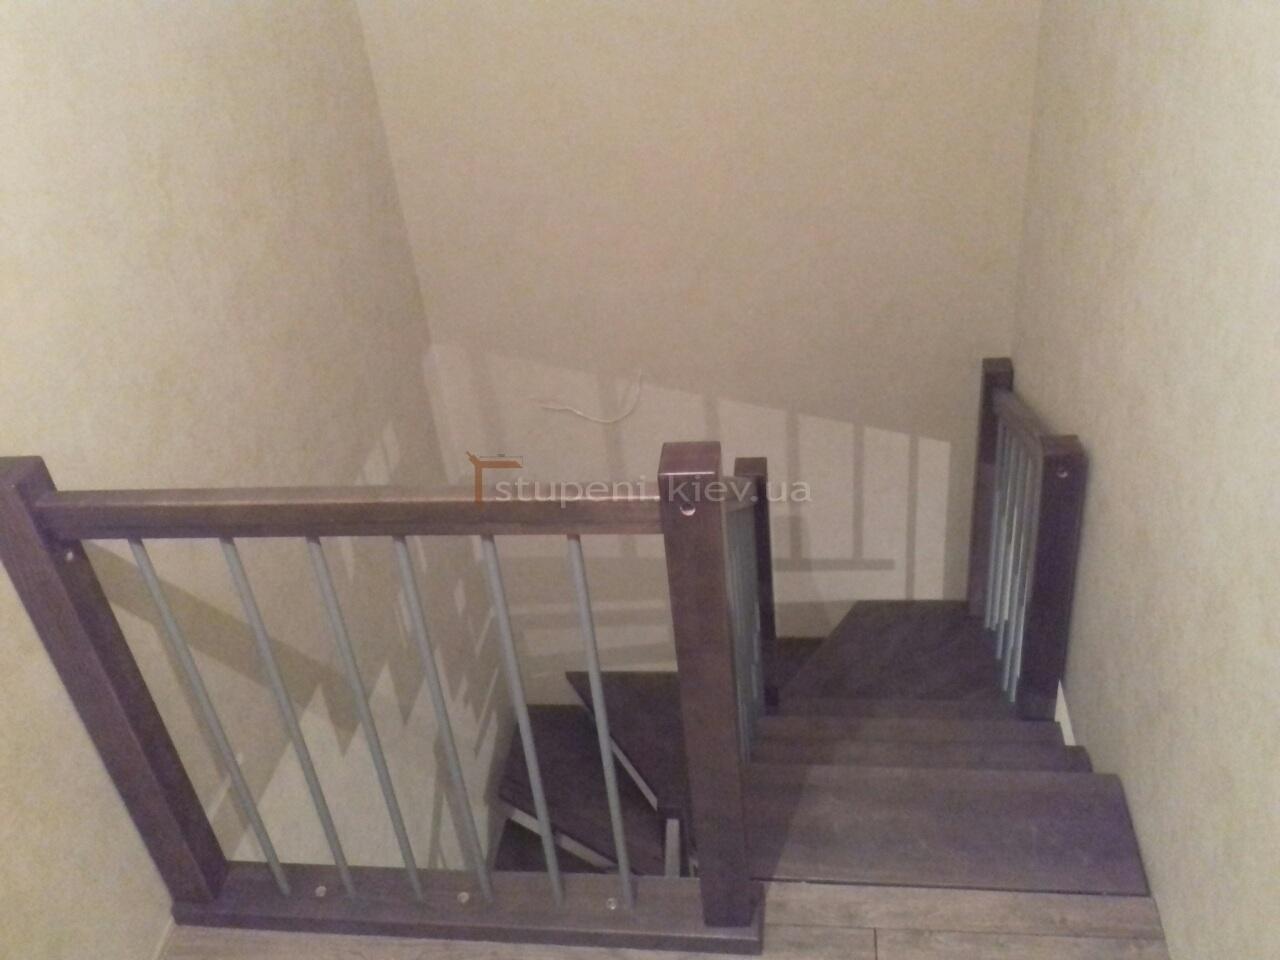 Деревянная лестница на второй этаж своими руками: как